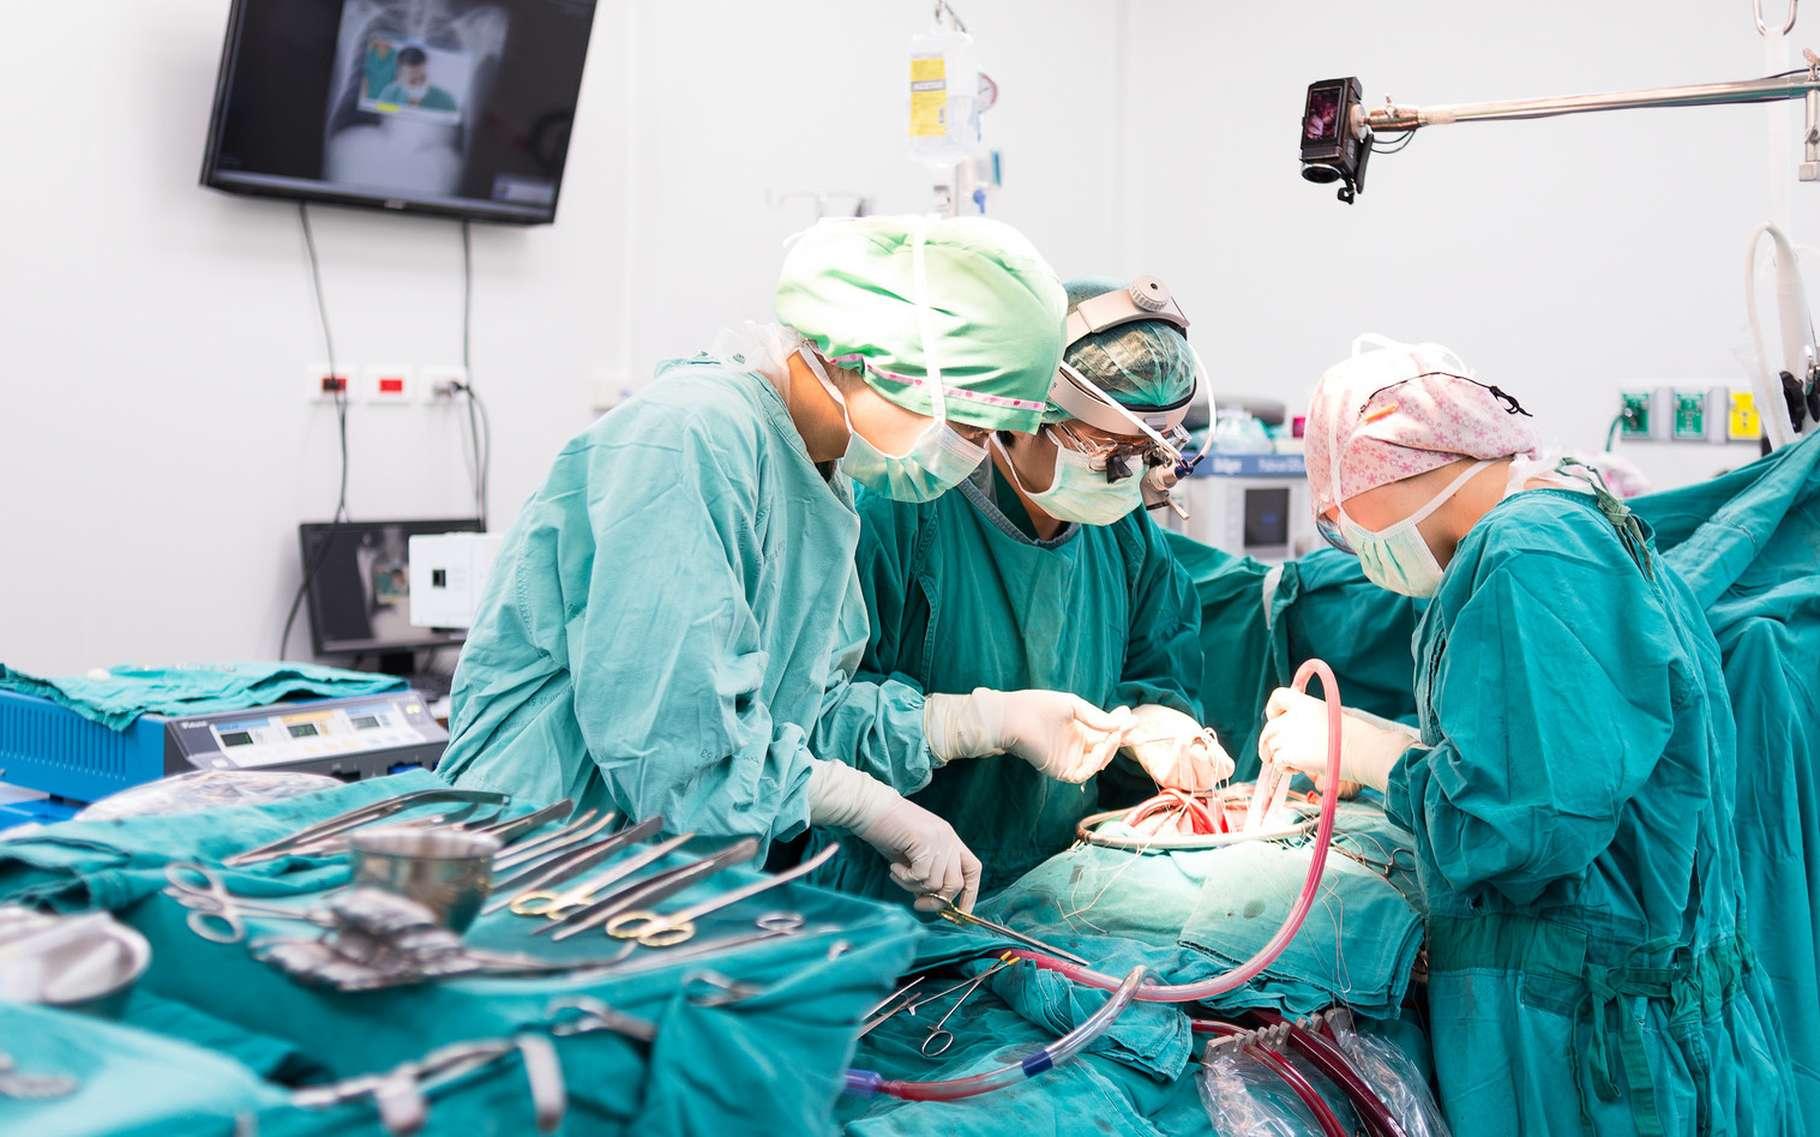 Le pontage aortocoronarien nécessite une opération à cœur ouvert. © ChaNaWiT, Shutterstock